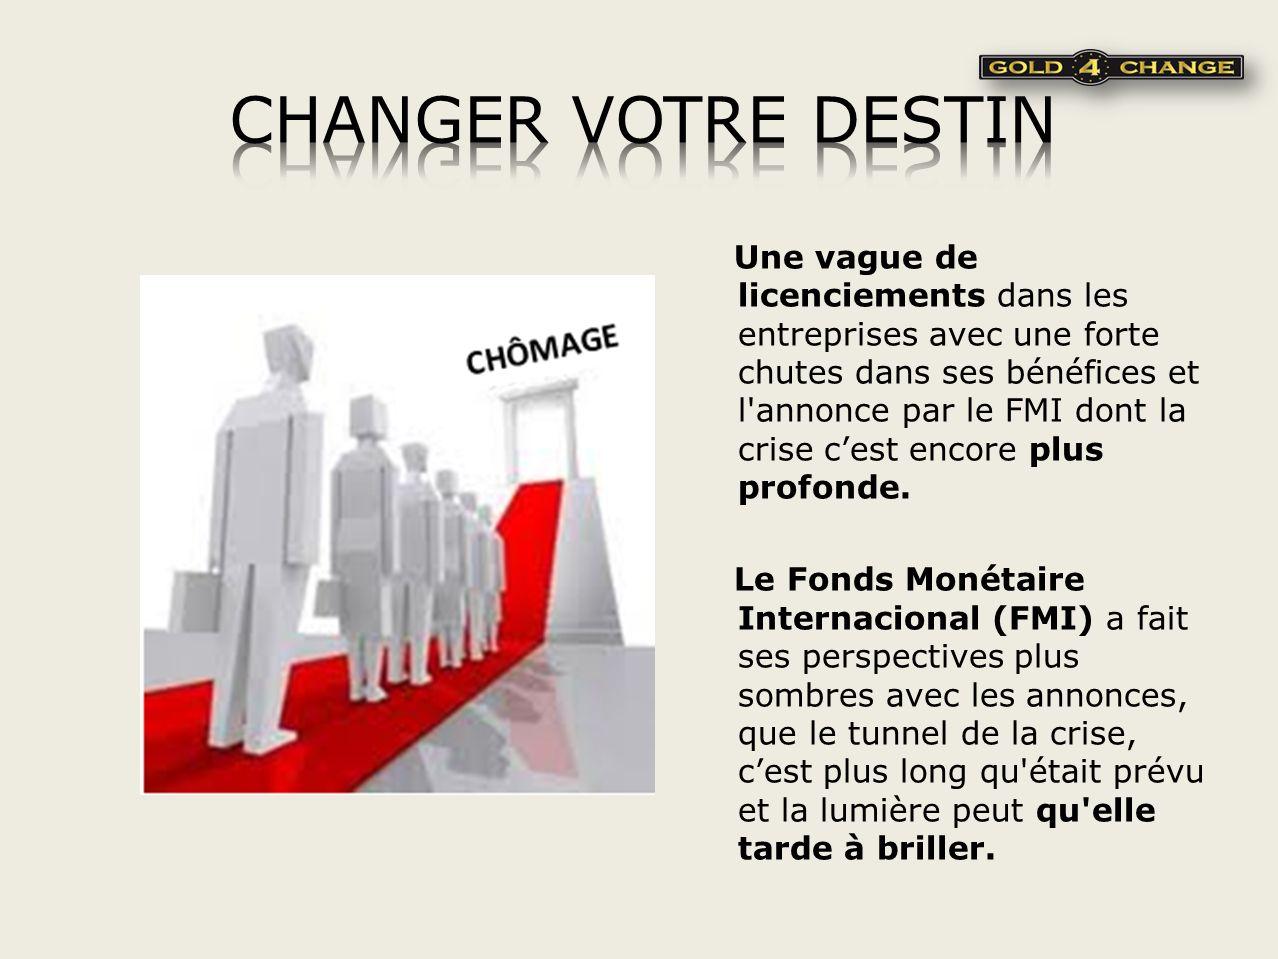 CHANGER VOTRE DESTIN